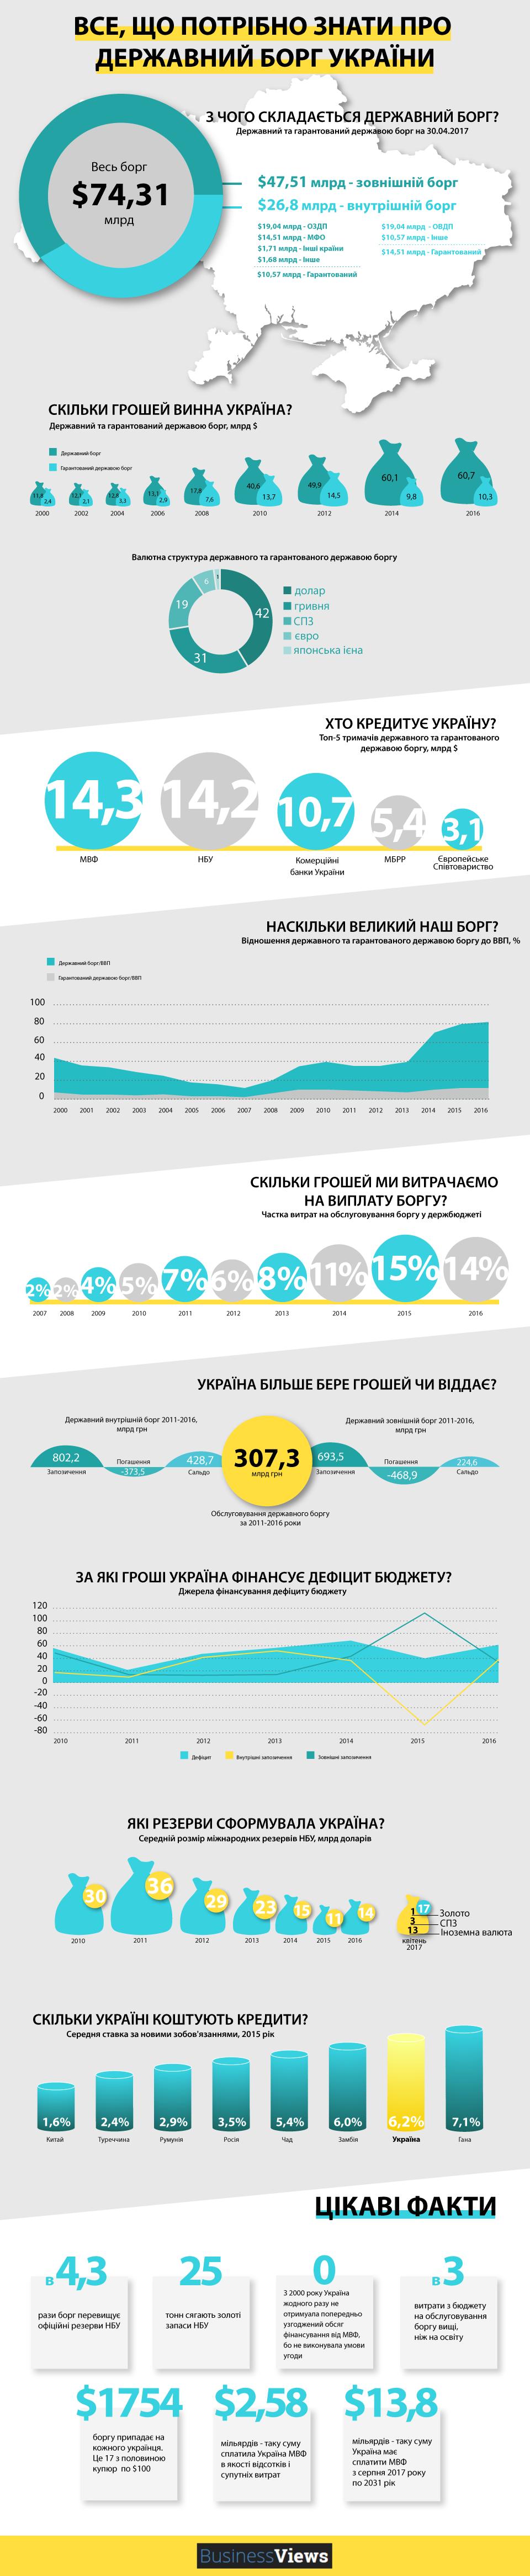 Госдолг Украины — инфографика